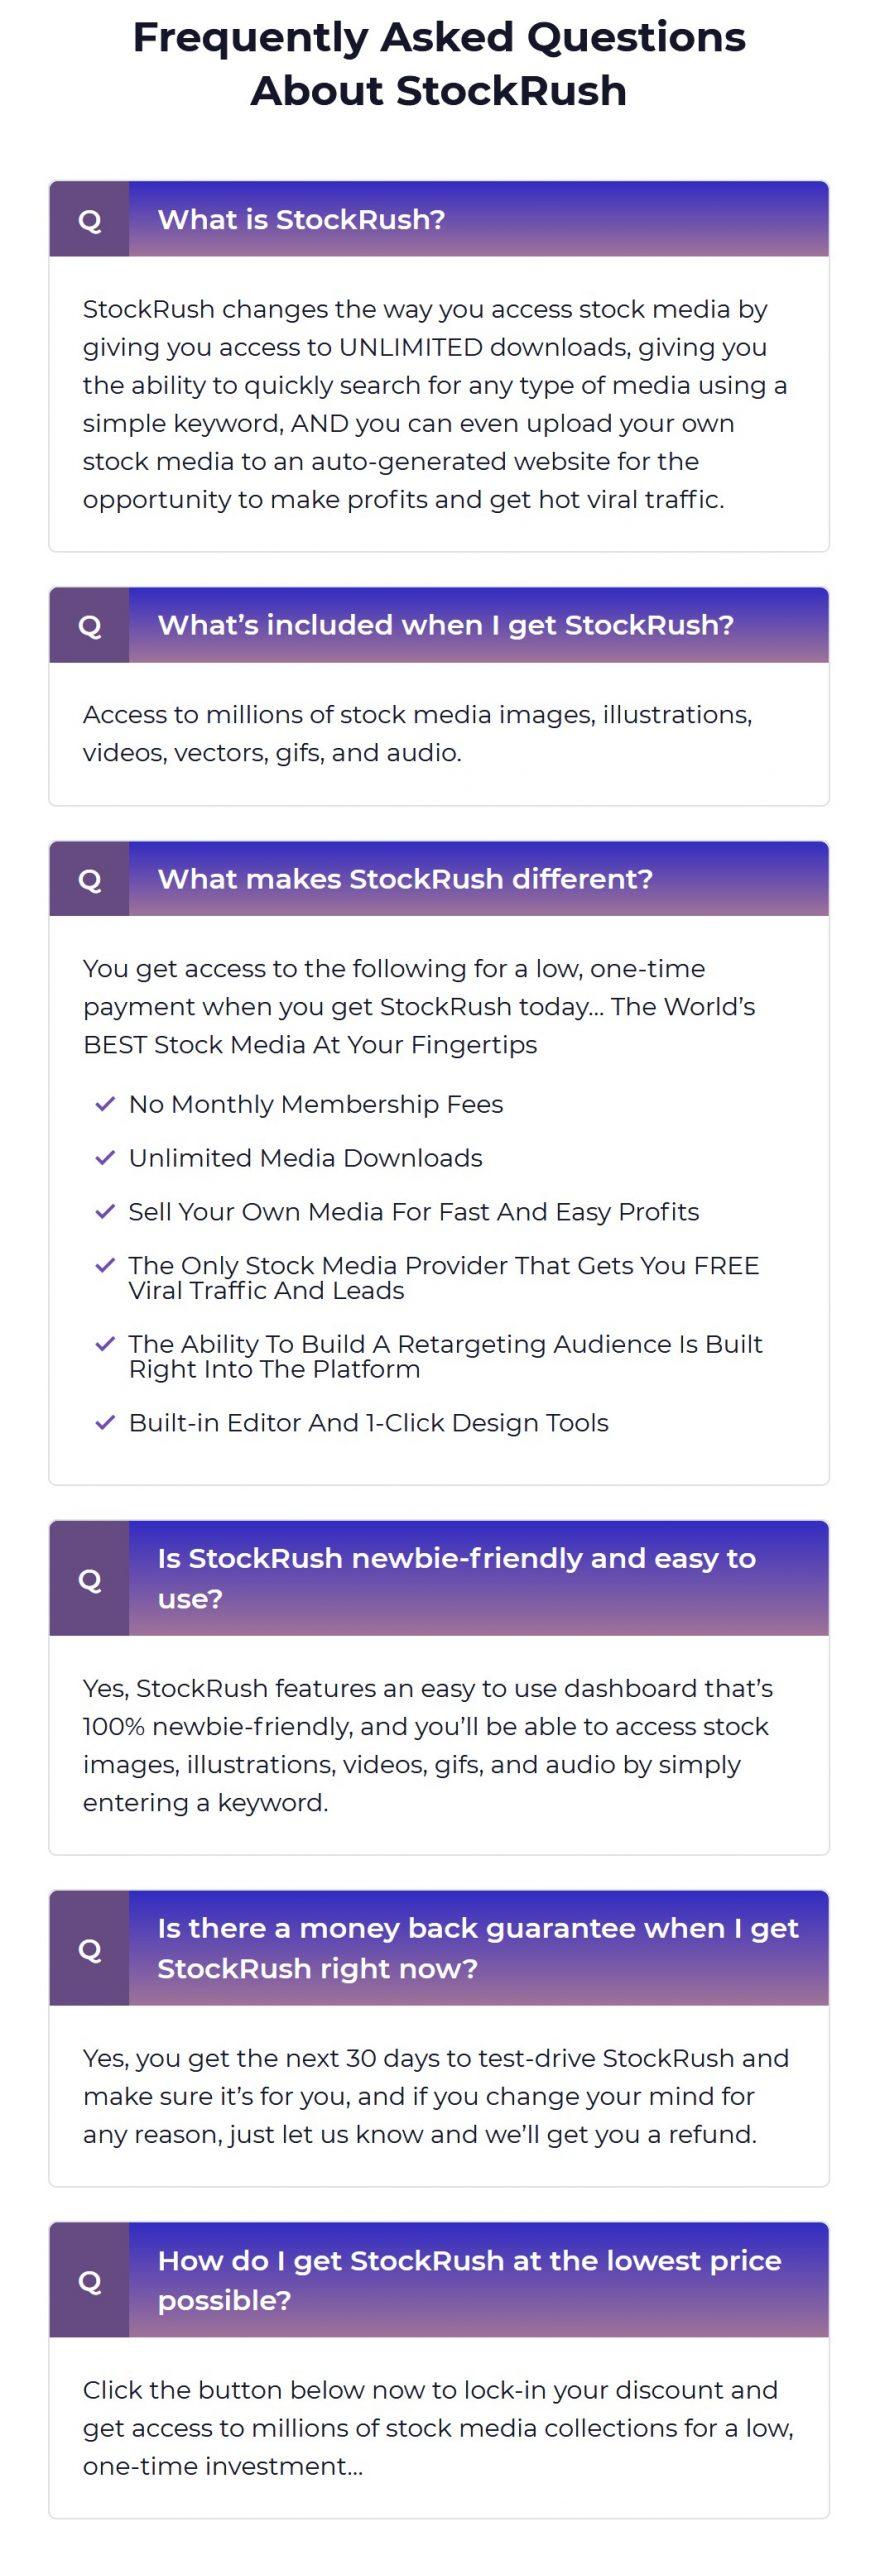 StockRush-faq